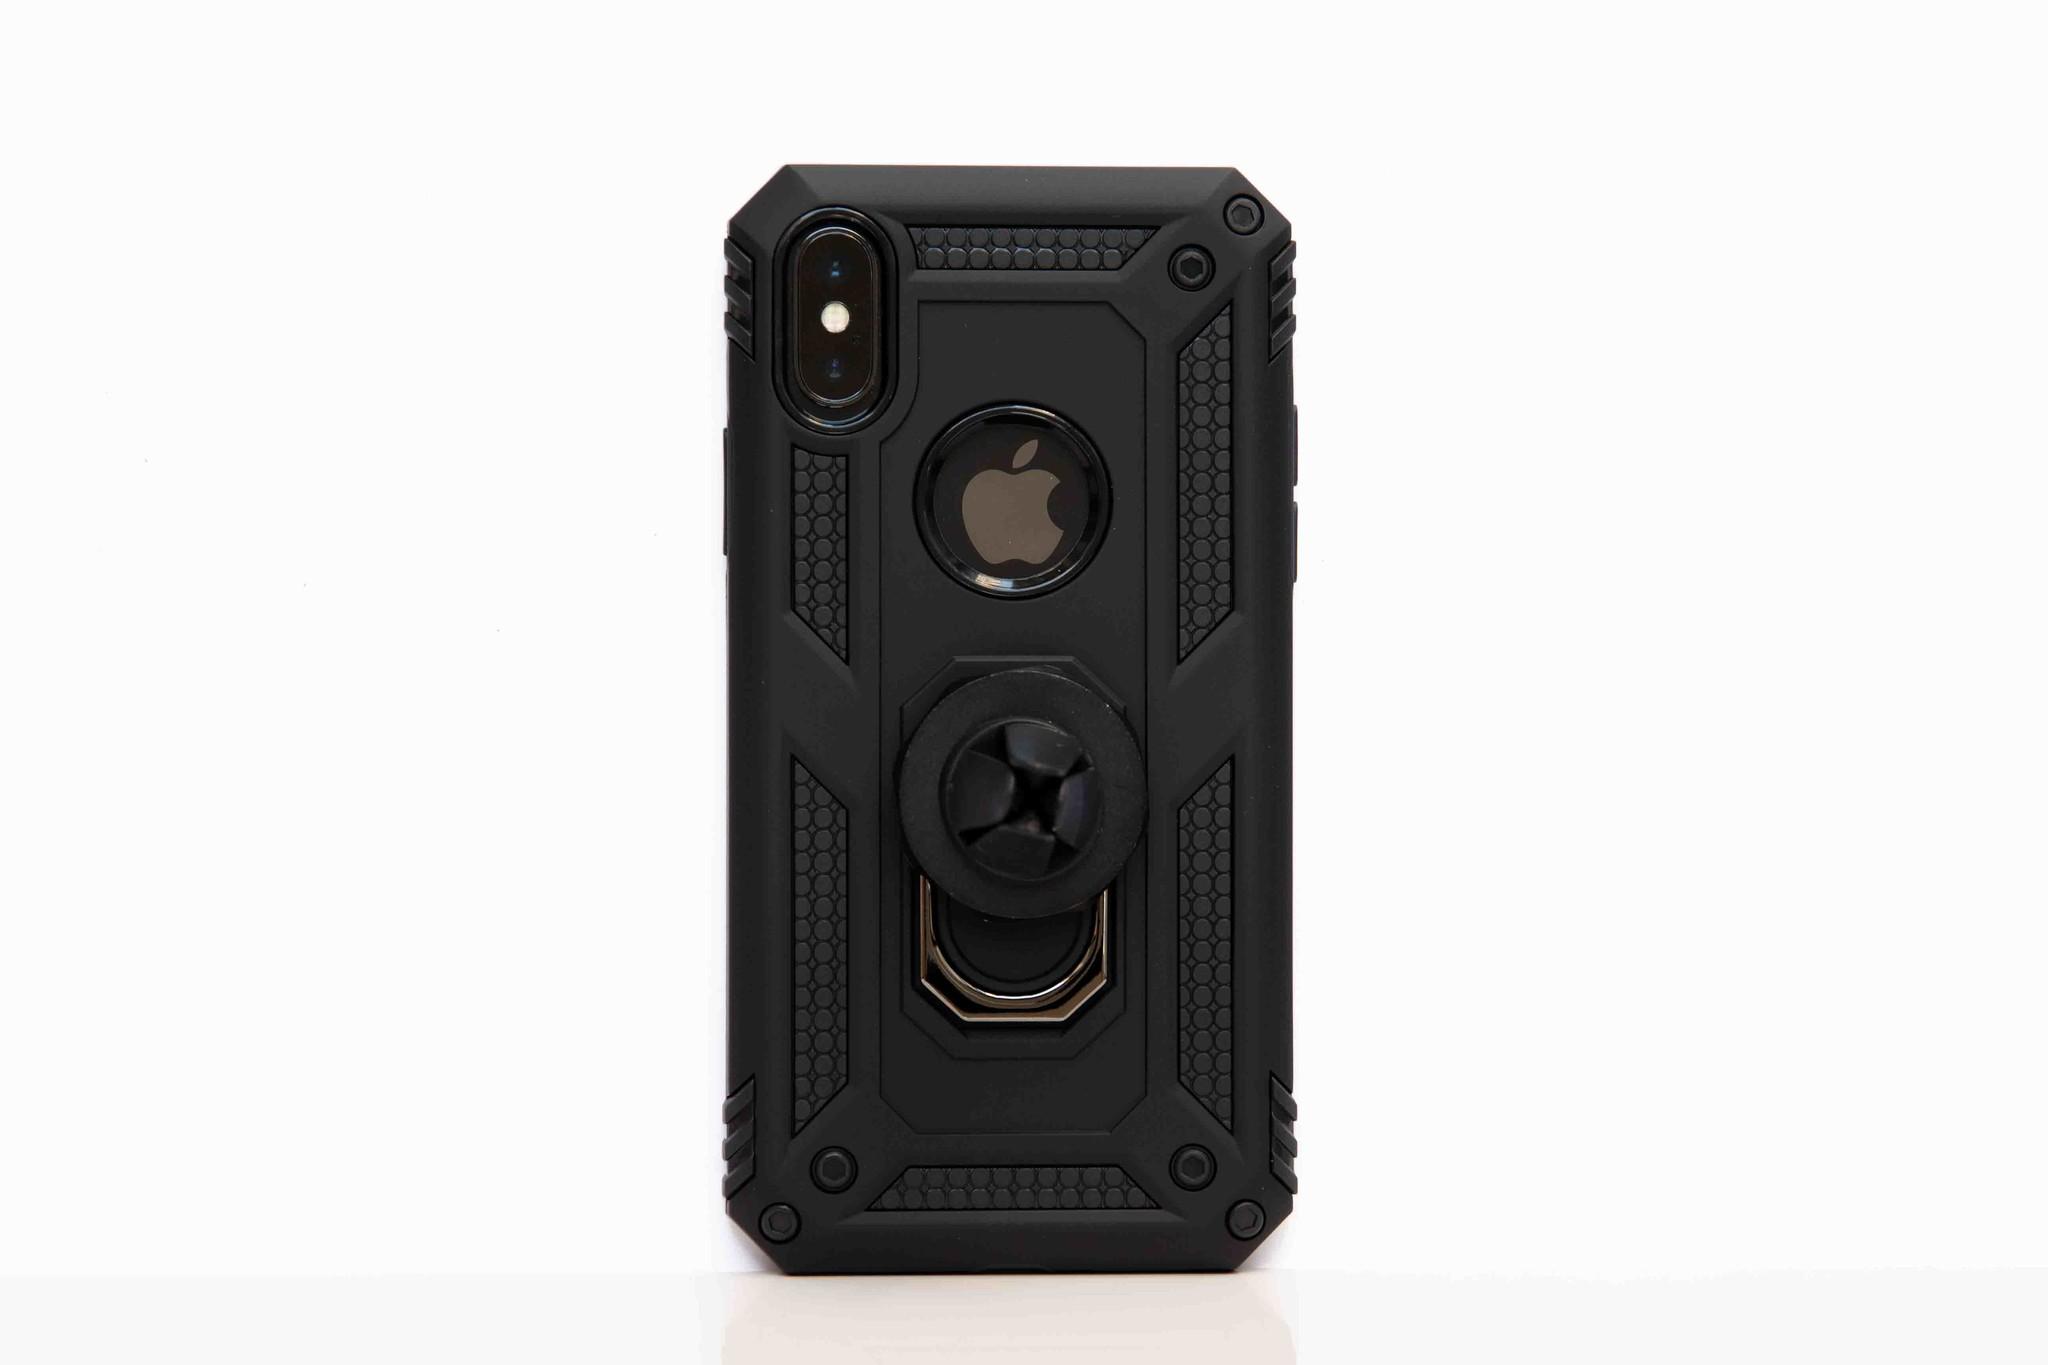 Smartphonehoesje iPhone 7 plus / 8 plus | Shockproof met magneet